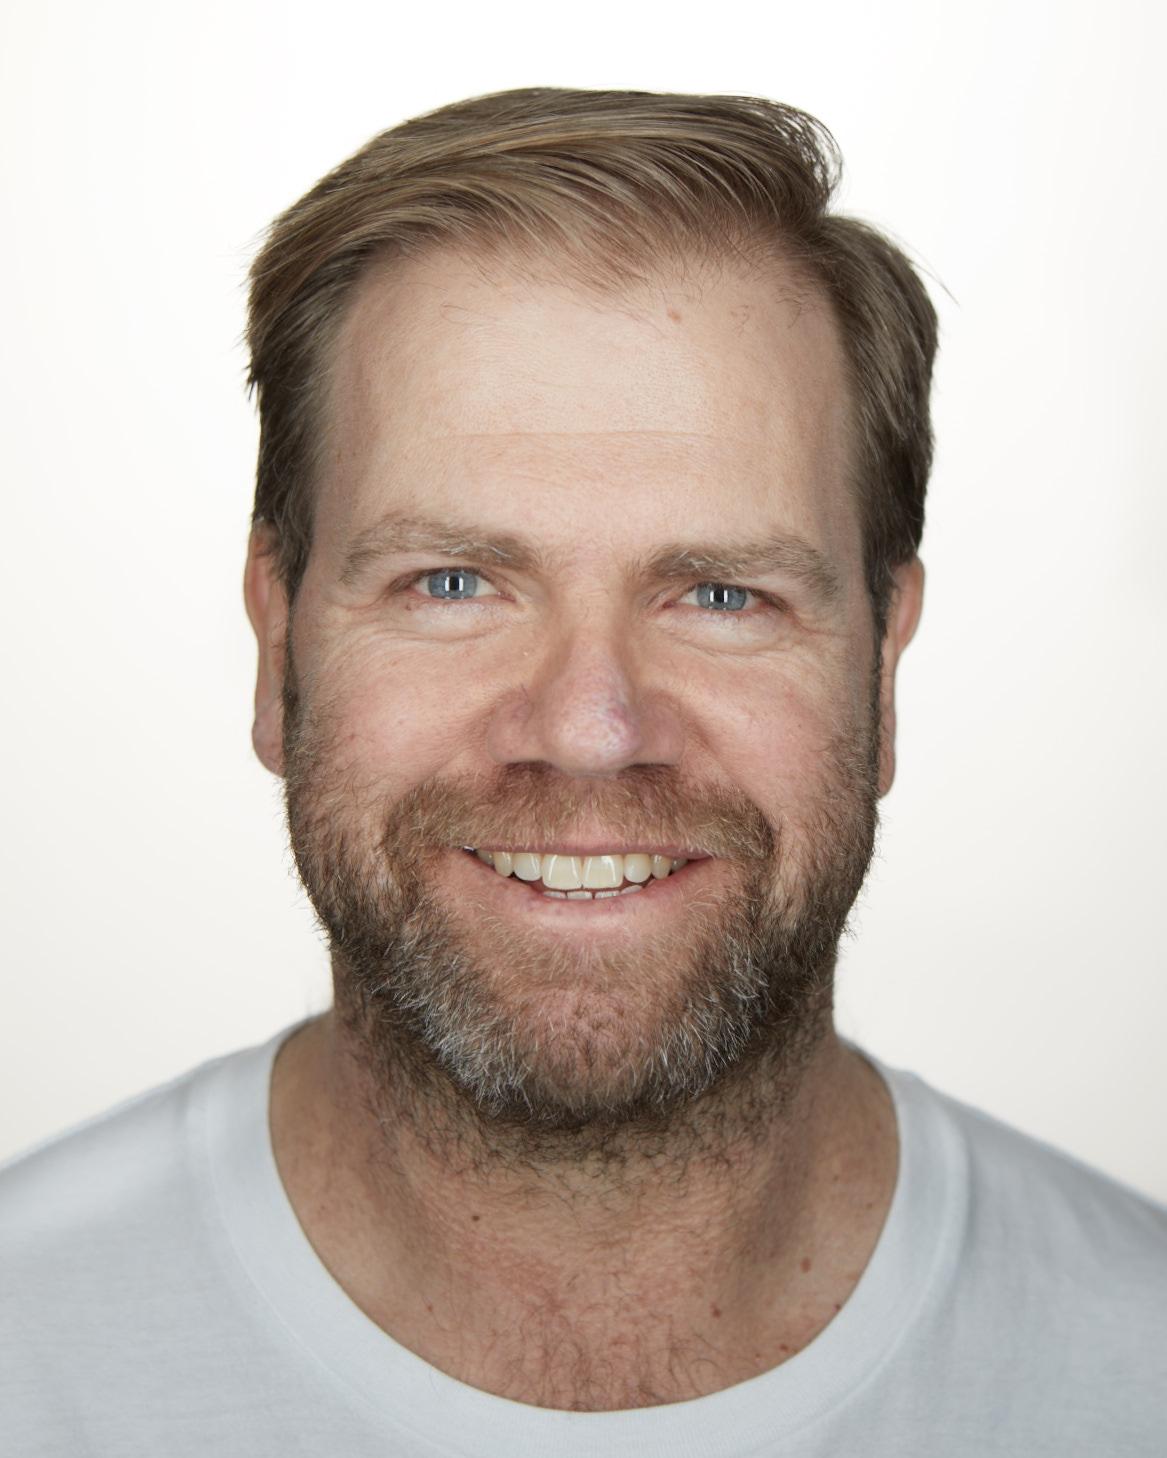 Rad's profile picture